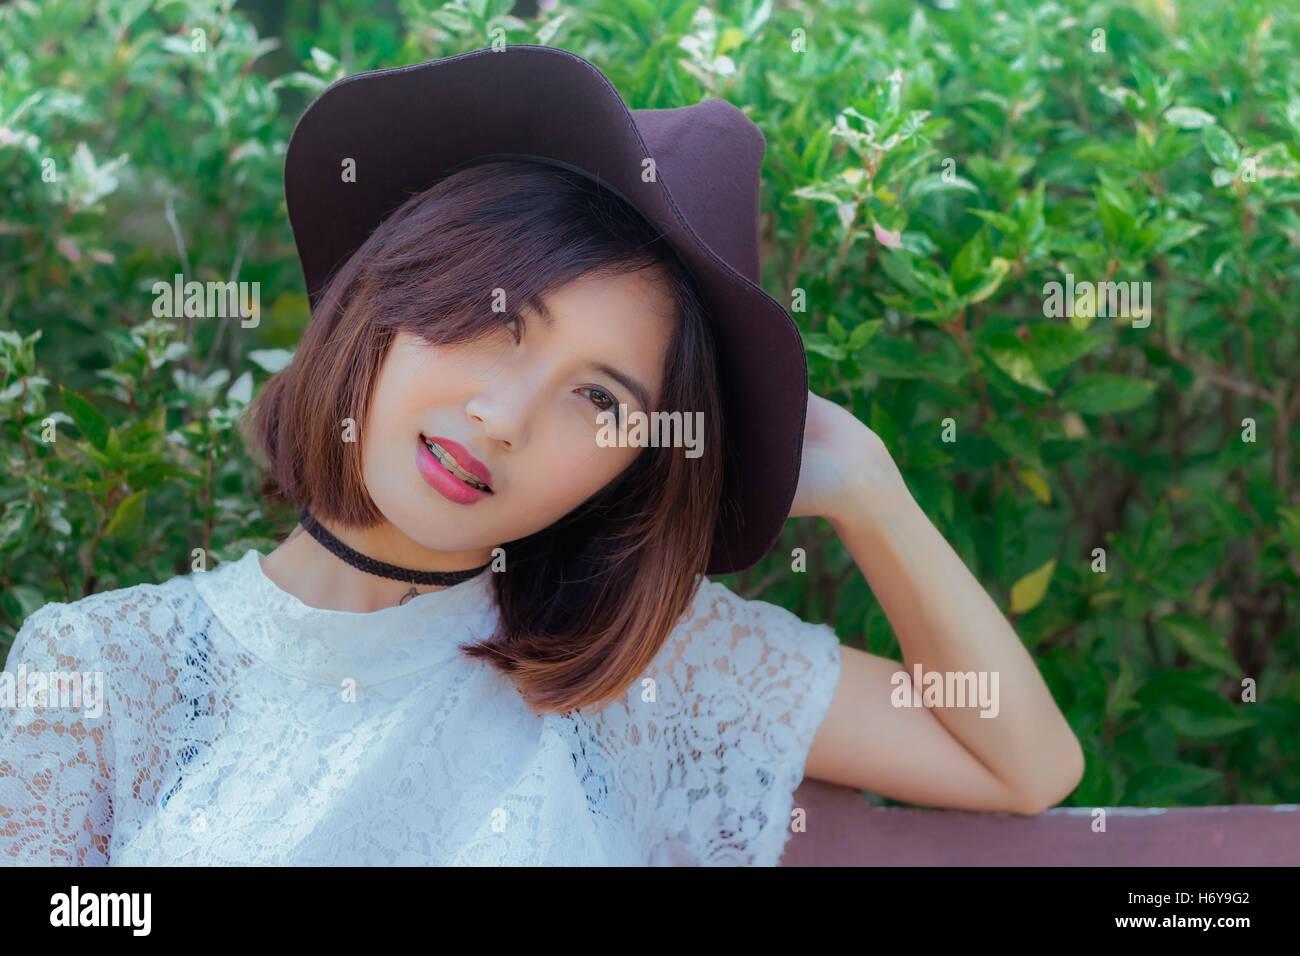 Frau perfekt asiatisches Gesicht in einem Park und Blick in die Kamera Stockbild